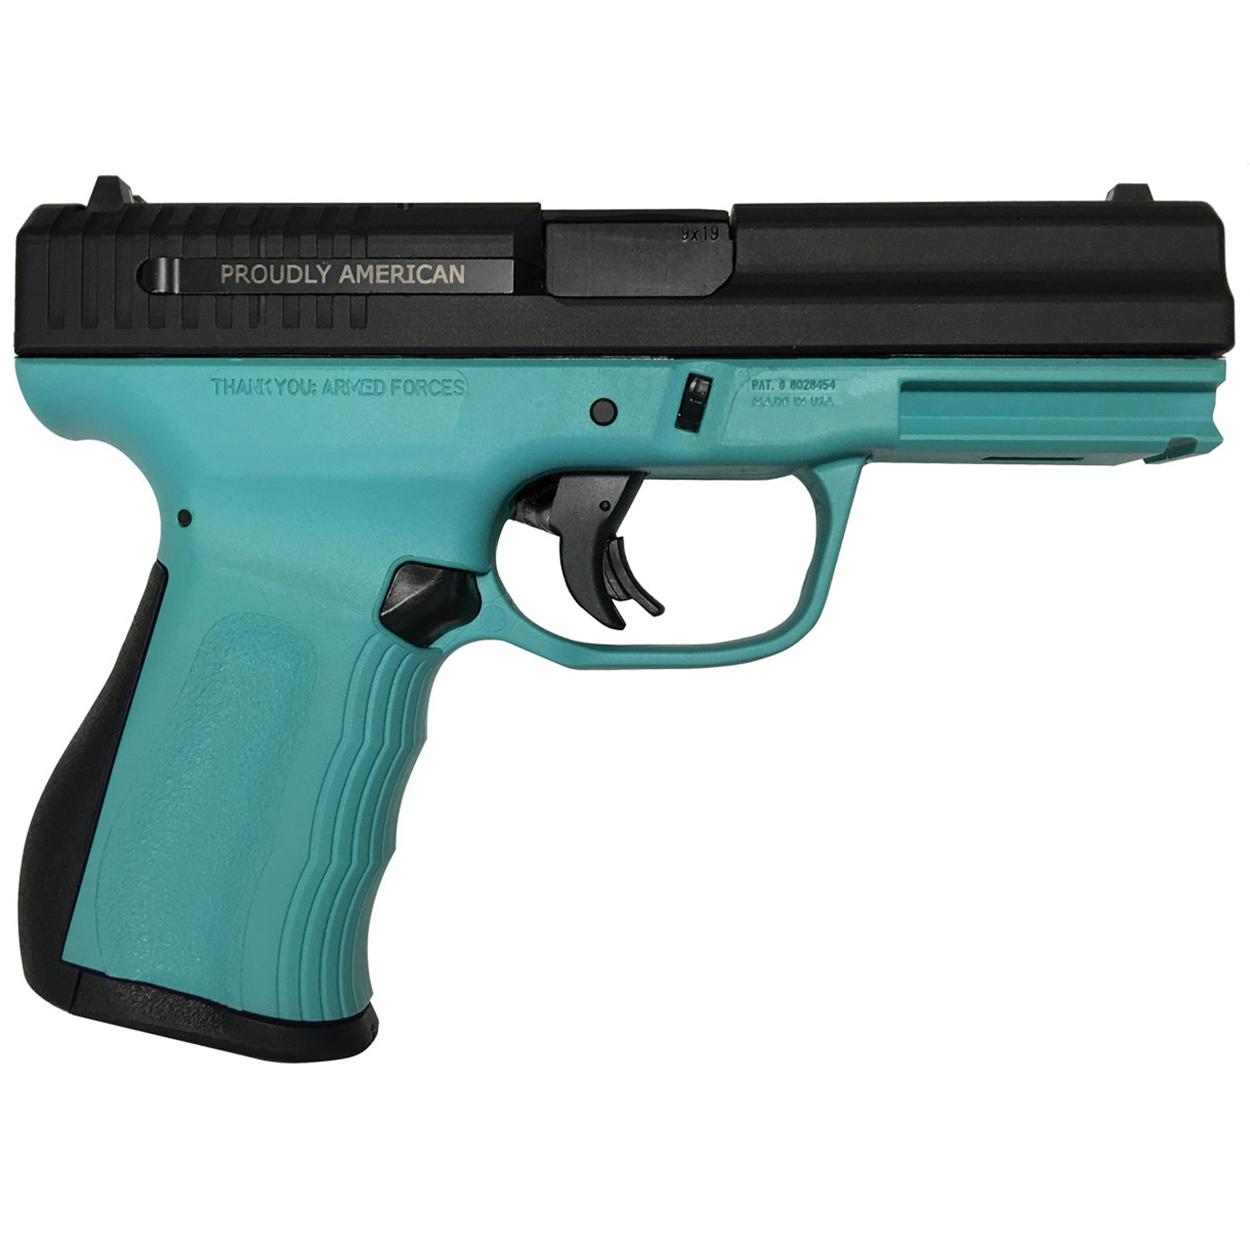 FMK Firearms 9C1 G2 Compact Handgun, 9MM Luger, Blue Jay